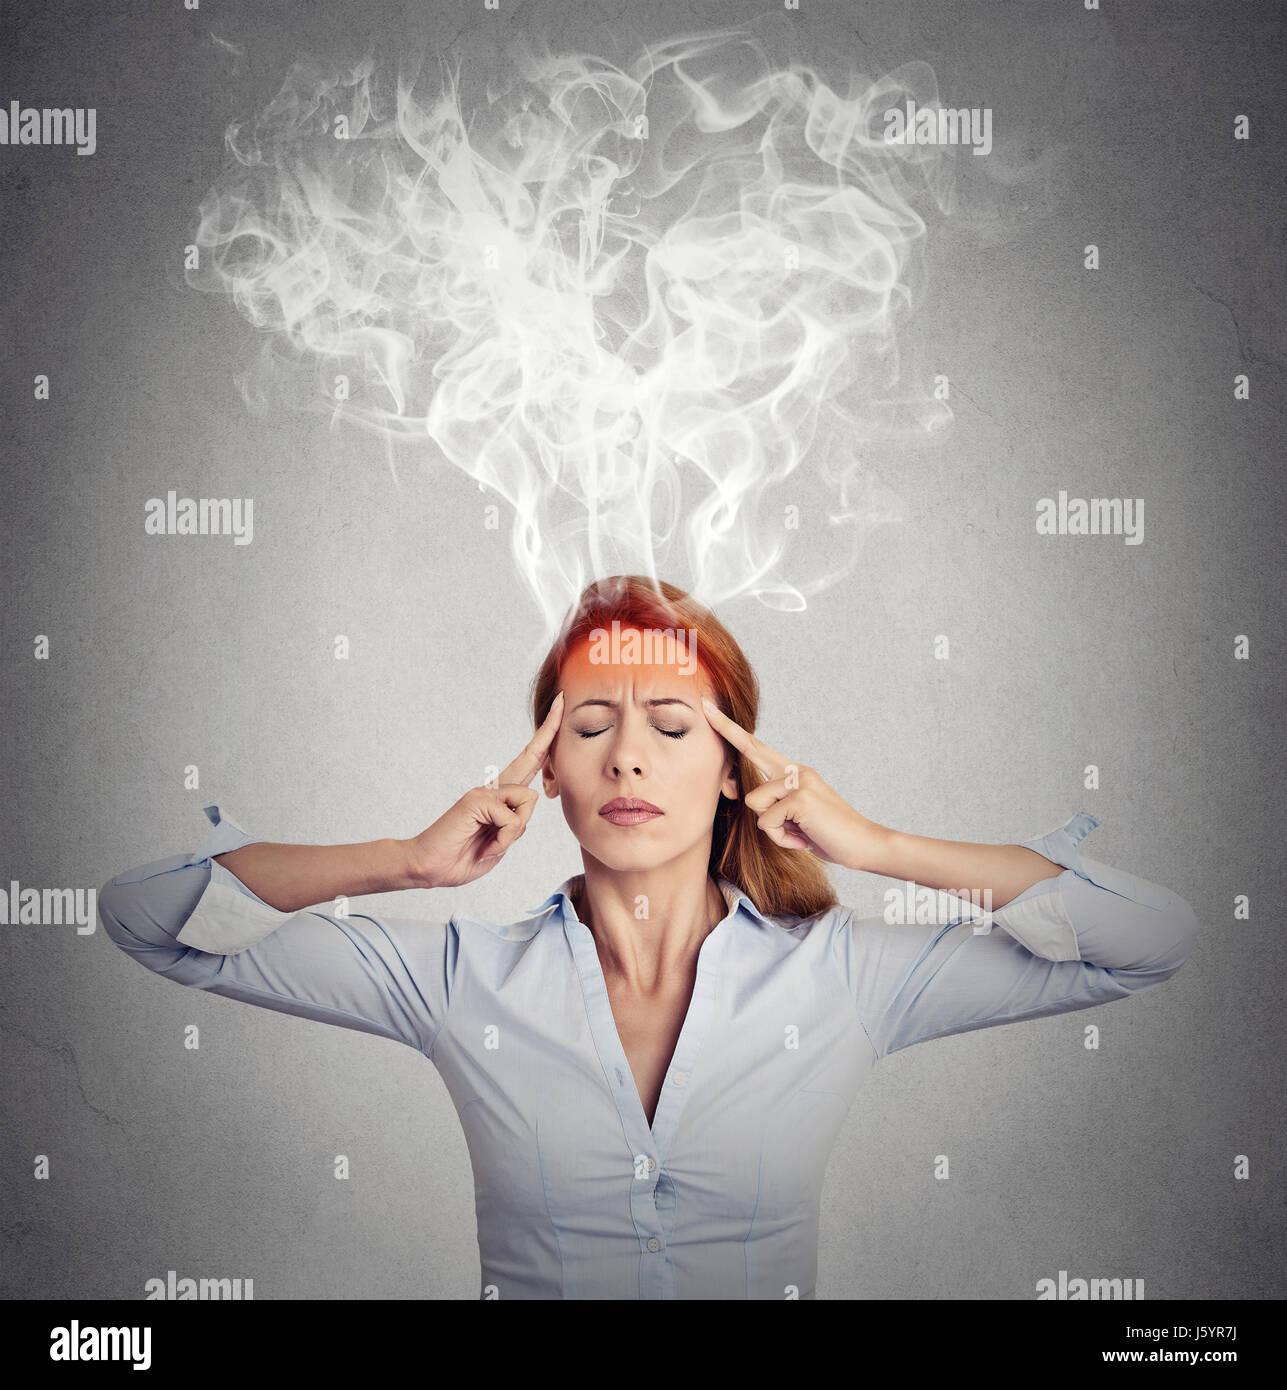 Retrato joven pensando demasiado vapor saliendo de cabeza aislado sobre la pared gris de fondo. Expresión facial, Imagen De Stock